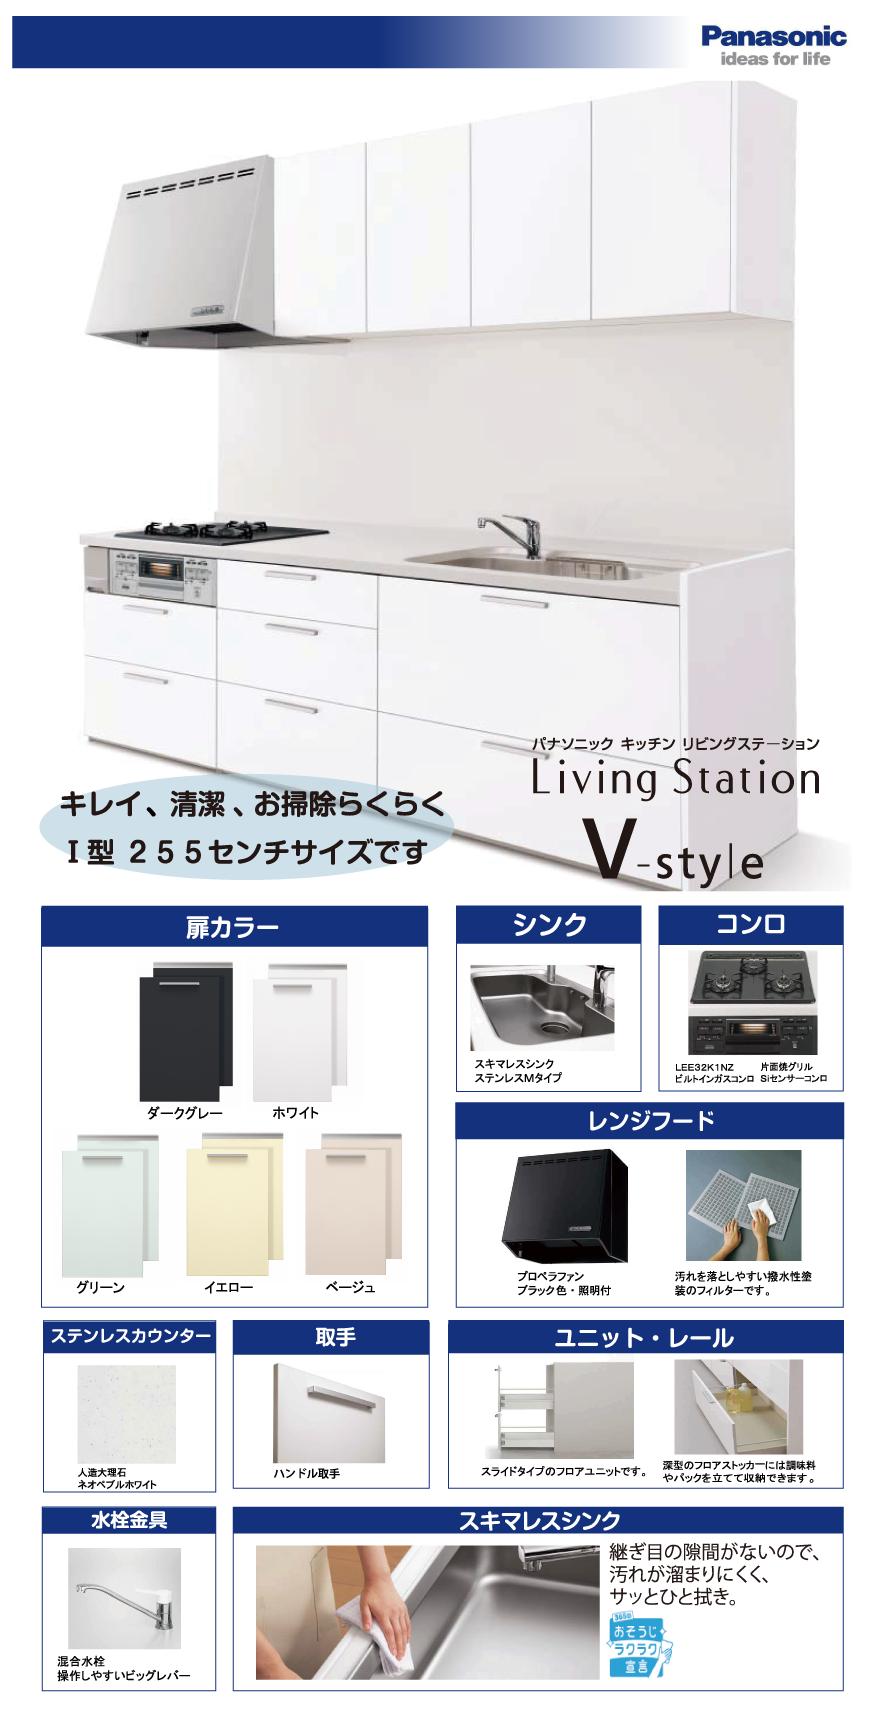 キッチン・リビングステーション